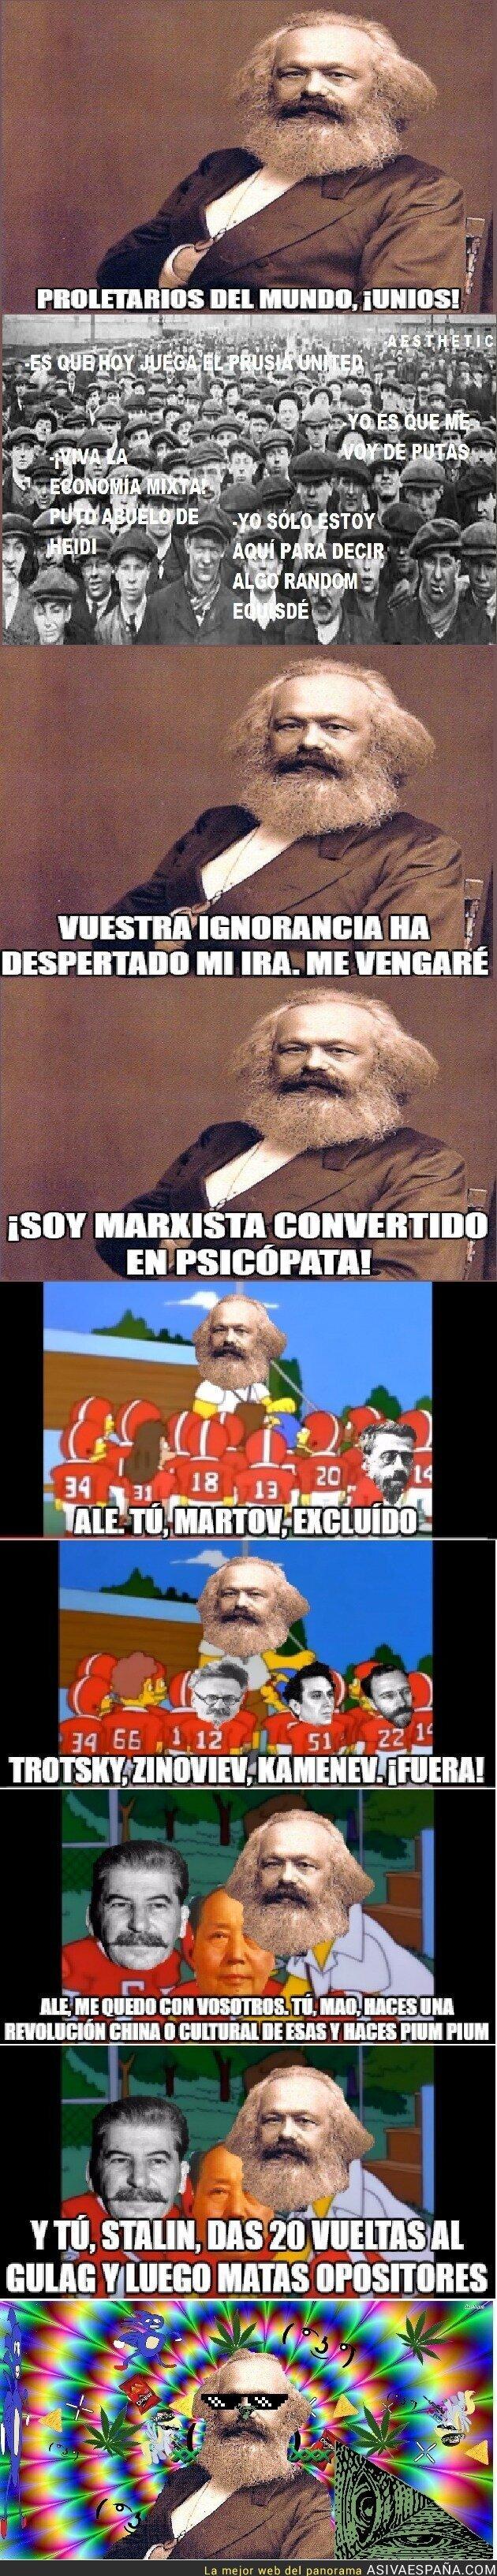 60532 - La VERDAD del comunismo